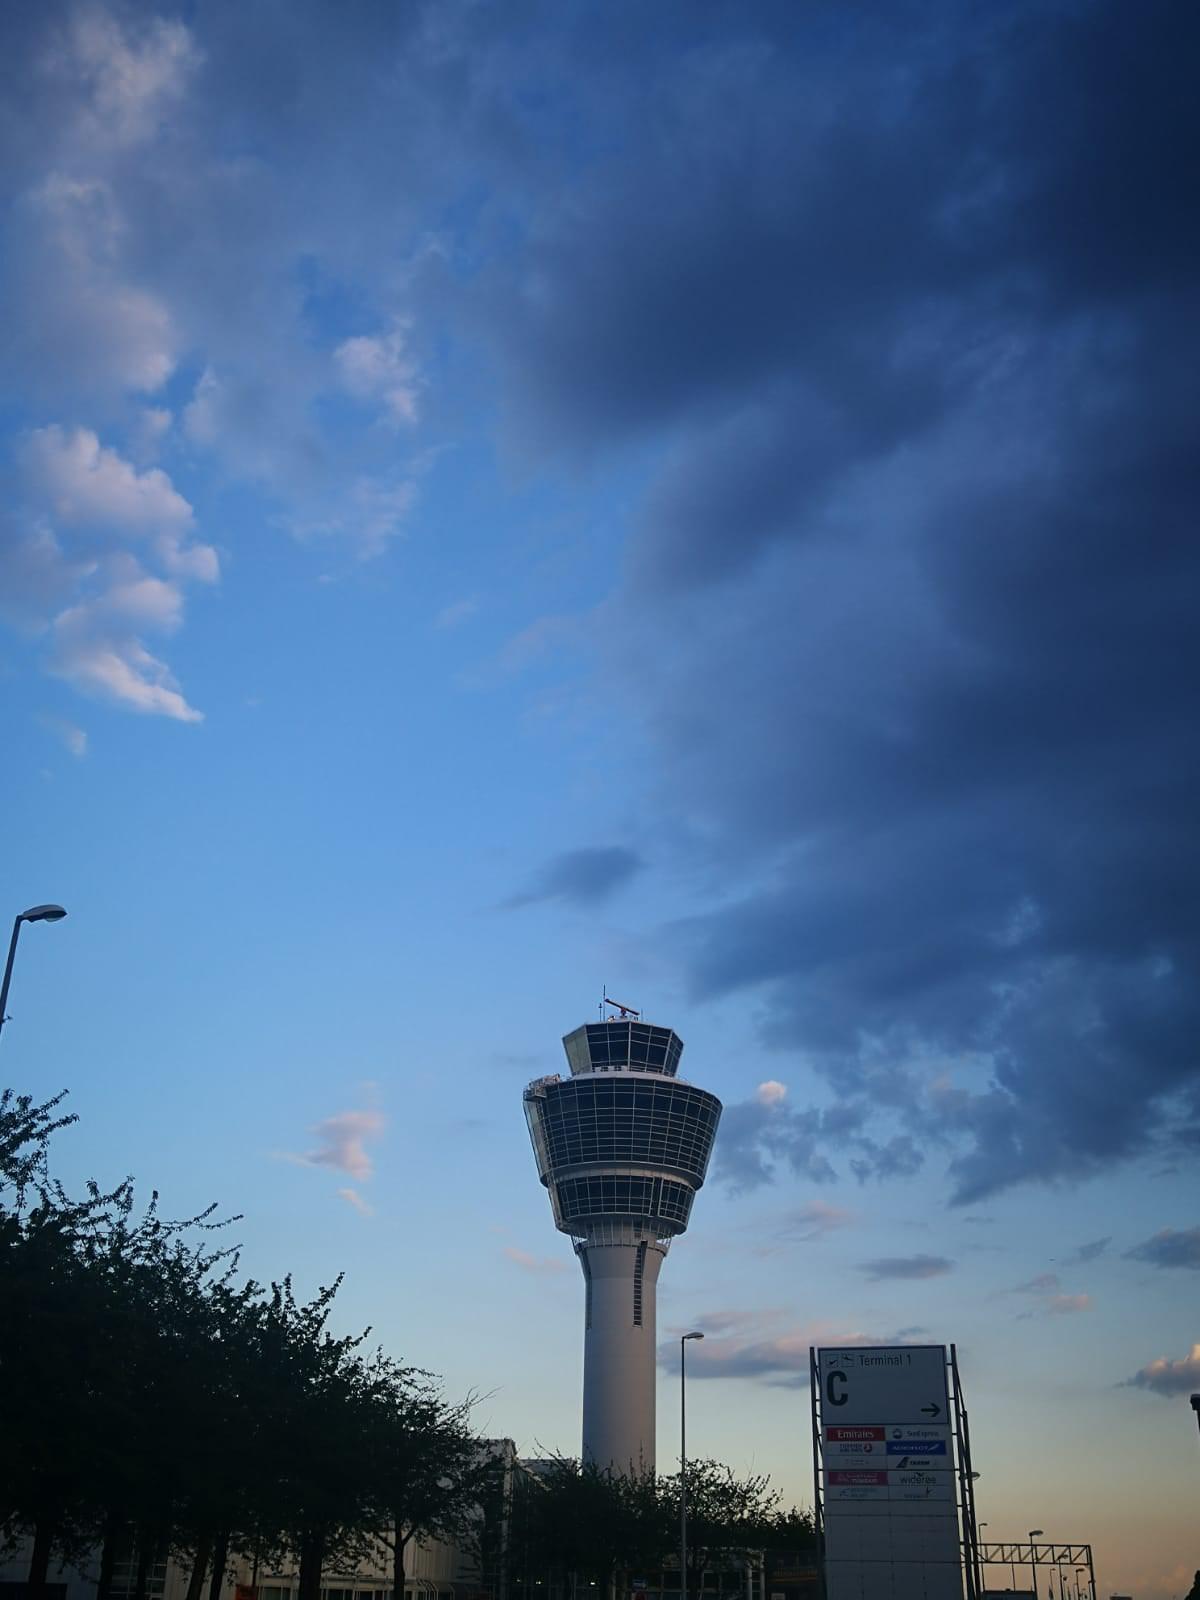 Atardecer en el exterior del aeropuerto de Múnich, Alemania